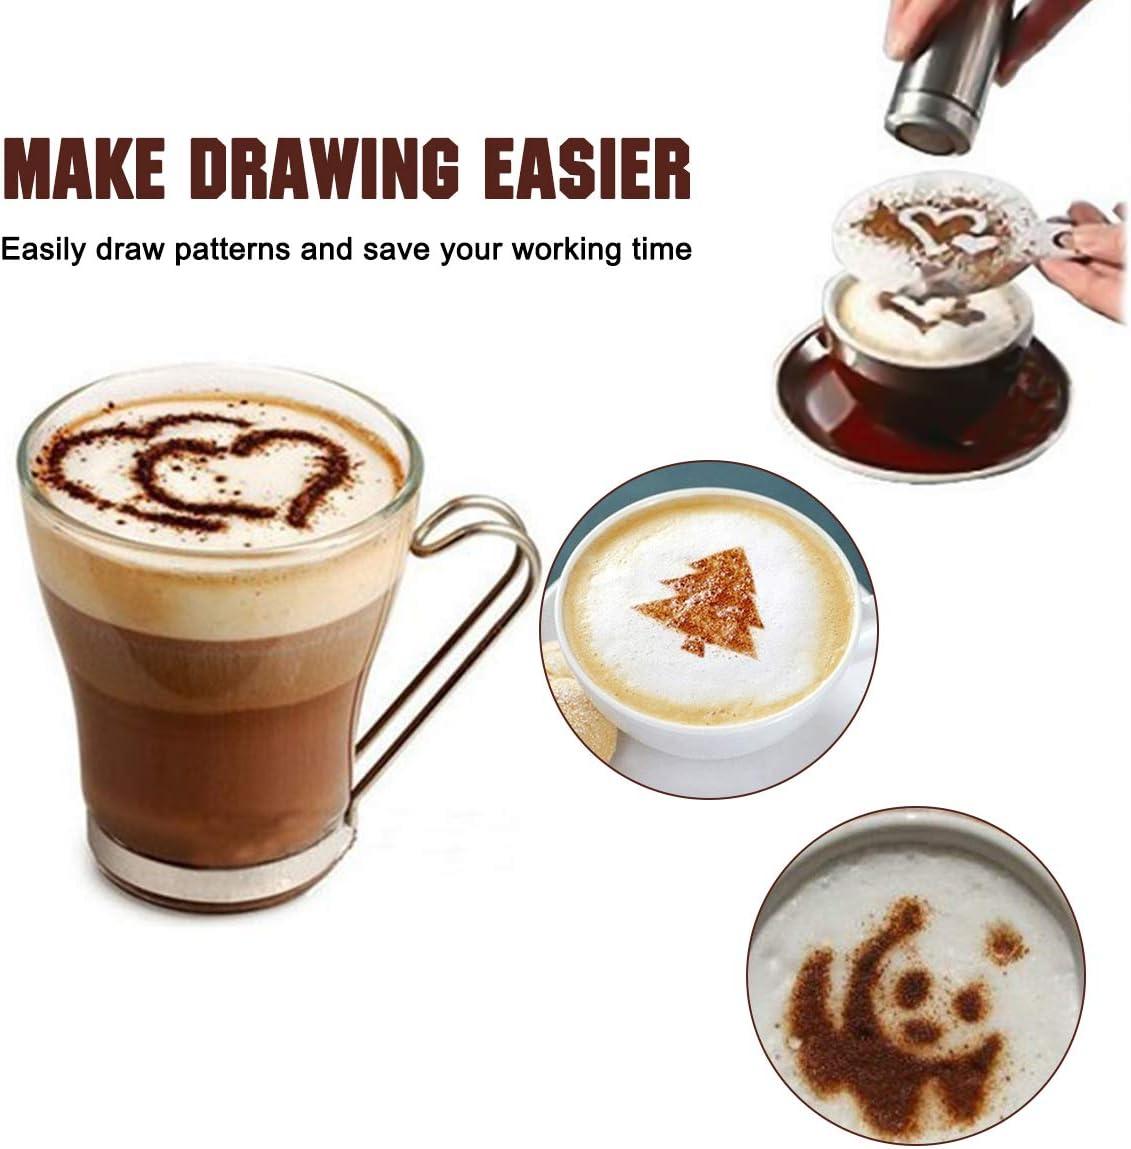 Lot de 26 outils pour cafeti/ère artistique avec 1 stylo /à caf/é et 1 shaker /à poudre de caf/é 24 pochoirs de No/ël pour g/âteau et caf/é